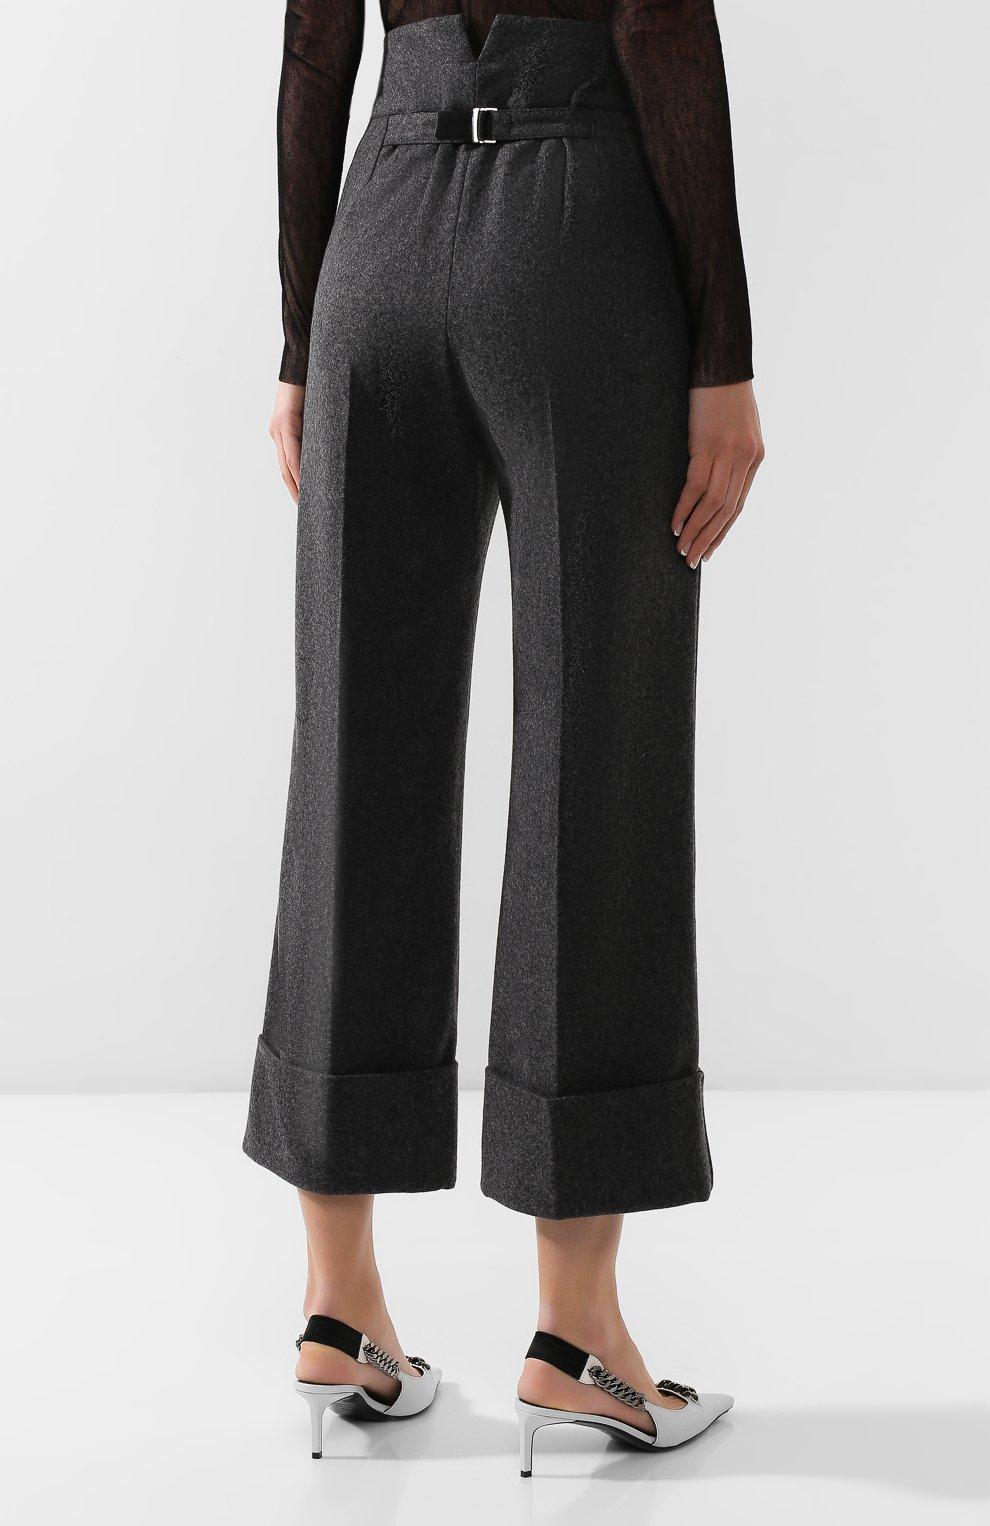 Женские шерстяные брюки LEMAIRE темно-серого цвета, арт. W 193 PA261 LF393 | Фото 4 (Материал внешний: Шерсть; Женское Кросс-КТ: Брюки-одежда; Материал подклада: Синтетический материал; Длина (брюки, джинсы): Укороченные; Статус проверки: Проверена категория)